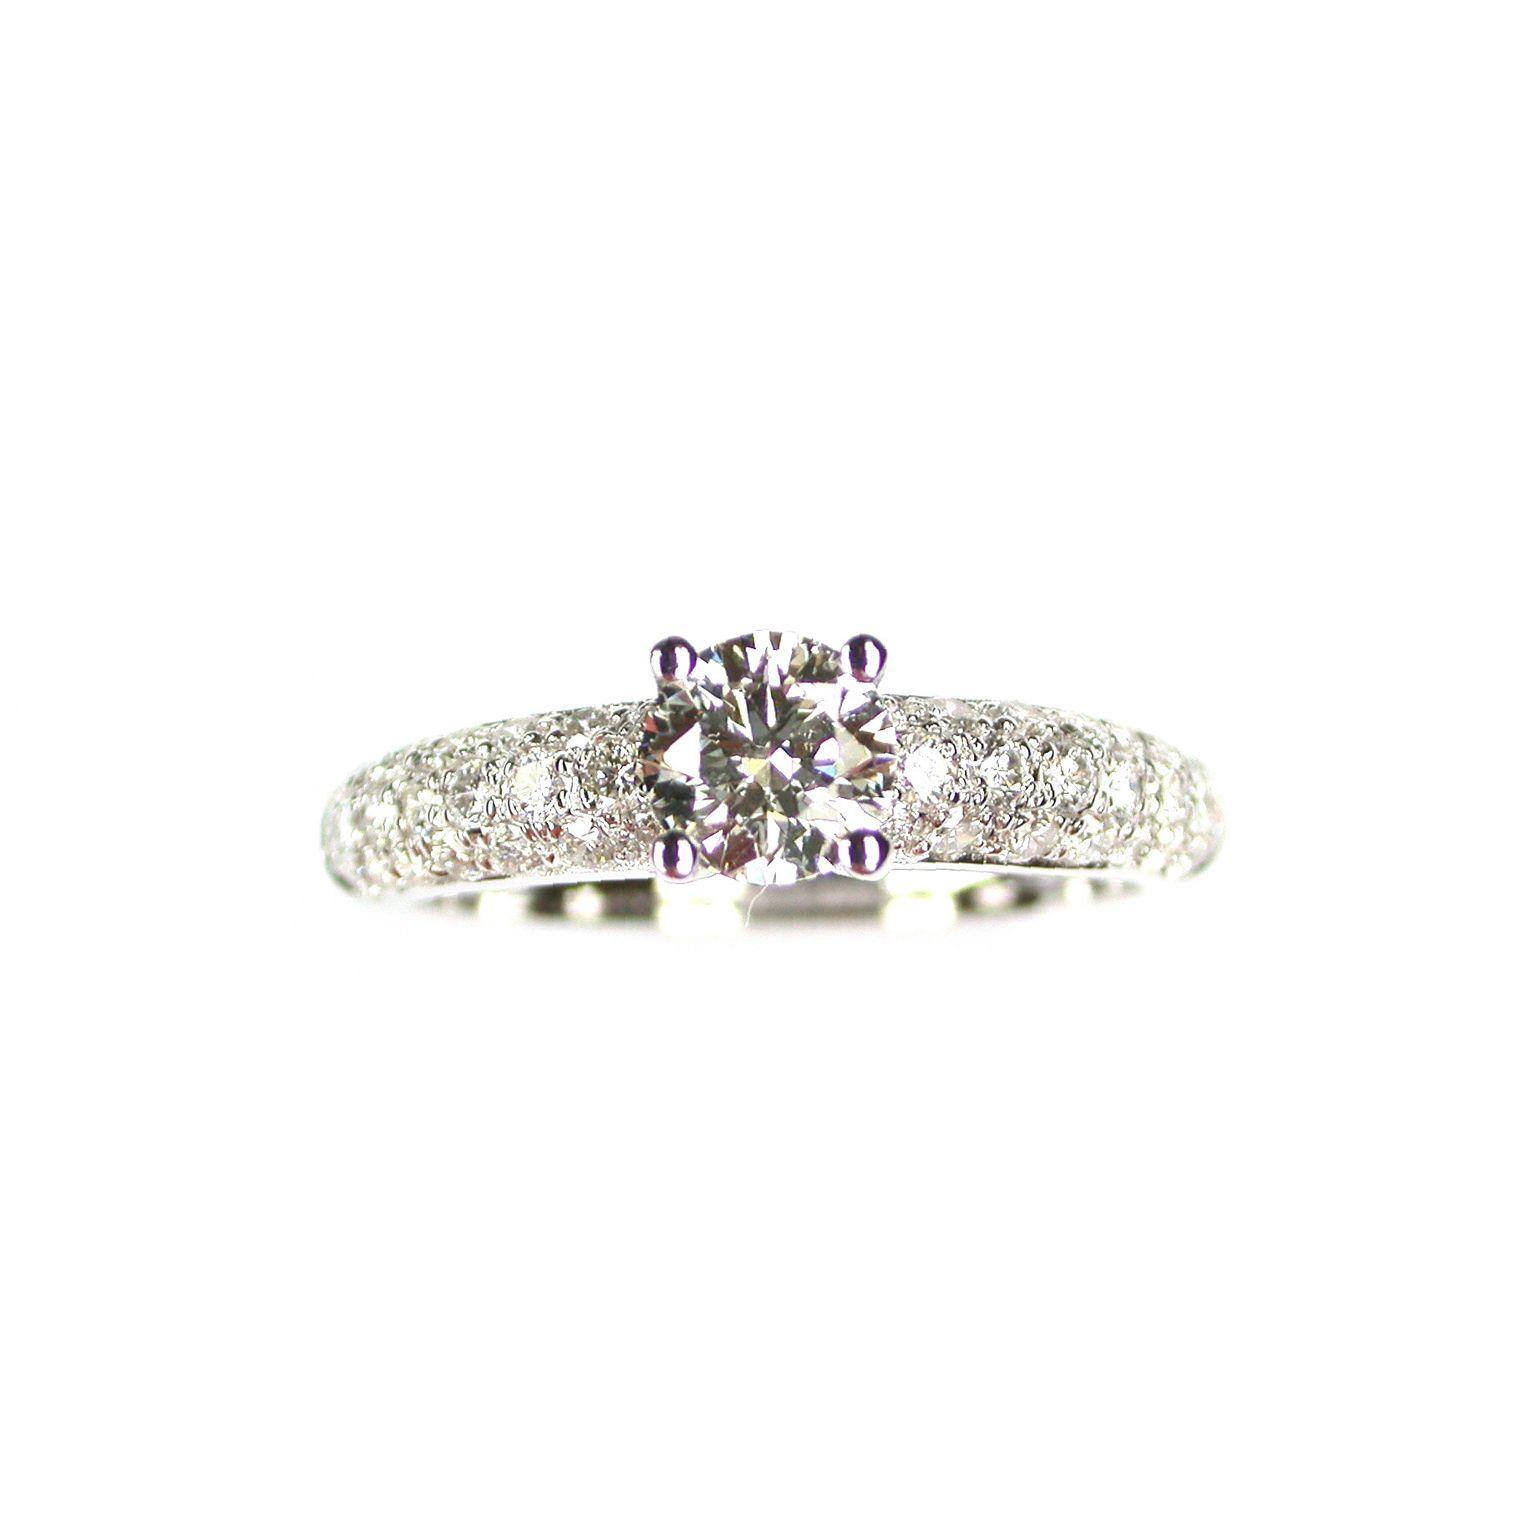 Bague en or blanc, diamant taille brillant de 0.49ct et 42 diamants de 0.53ct, taille 53 vue 2